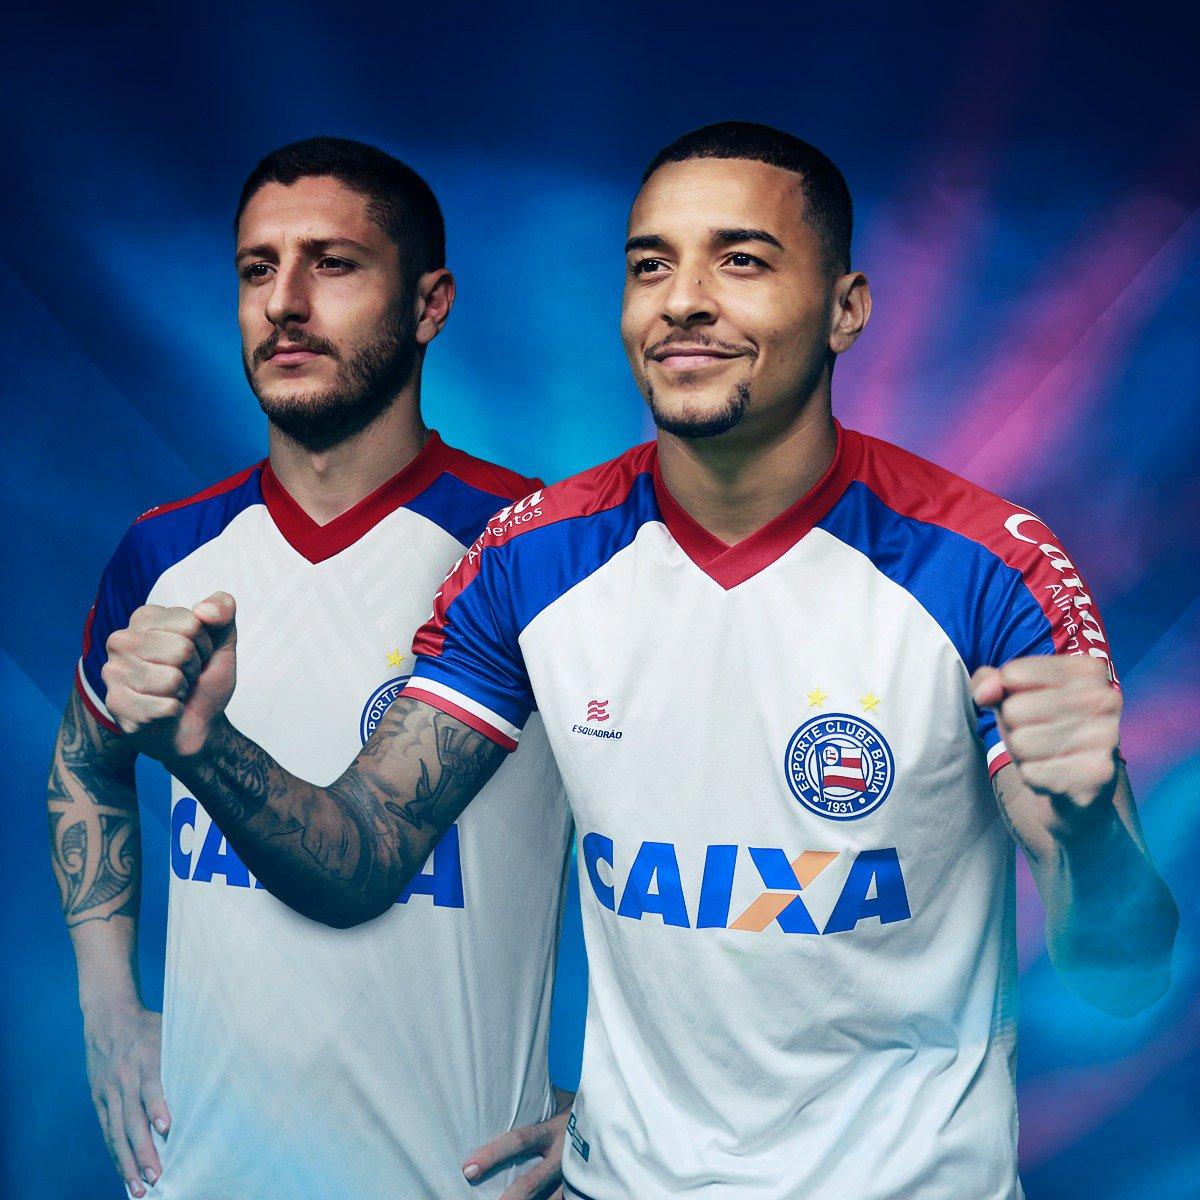 c34b0f0c995c6 A camisa 2 foi criada pelo torcedor Bruno Queirós. Possui faixas em  vermelho e azul com tons diferentes nas tonalidades